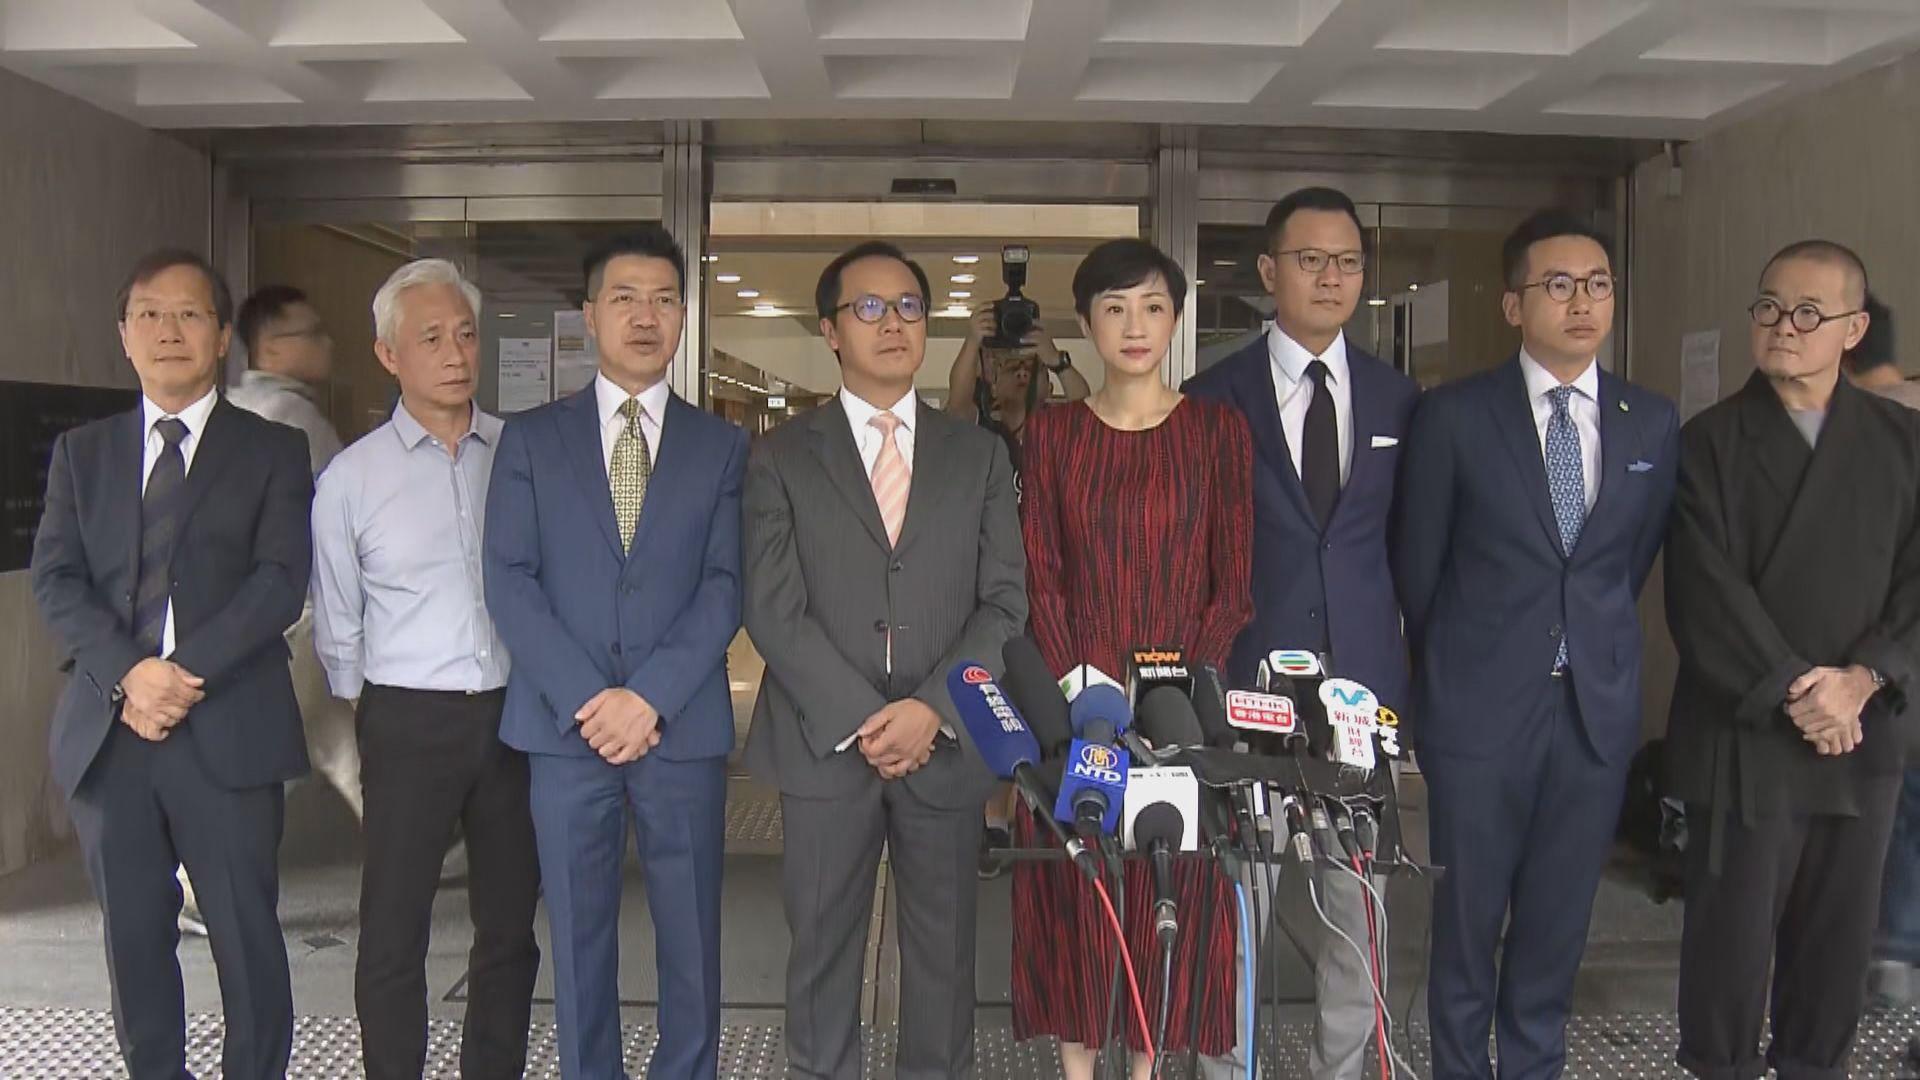 禁蒙面法司法覆核案今早開審 兩高院法官審理